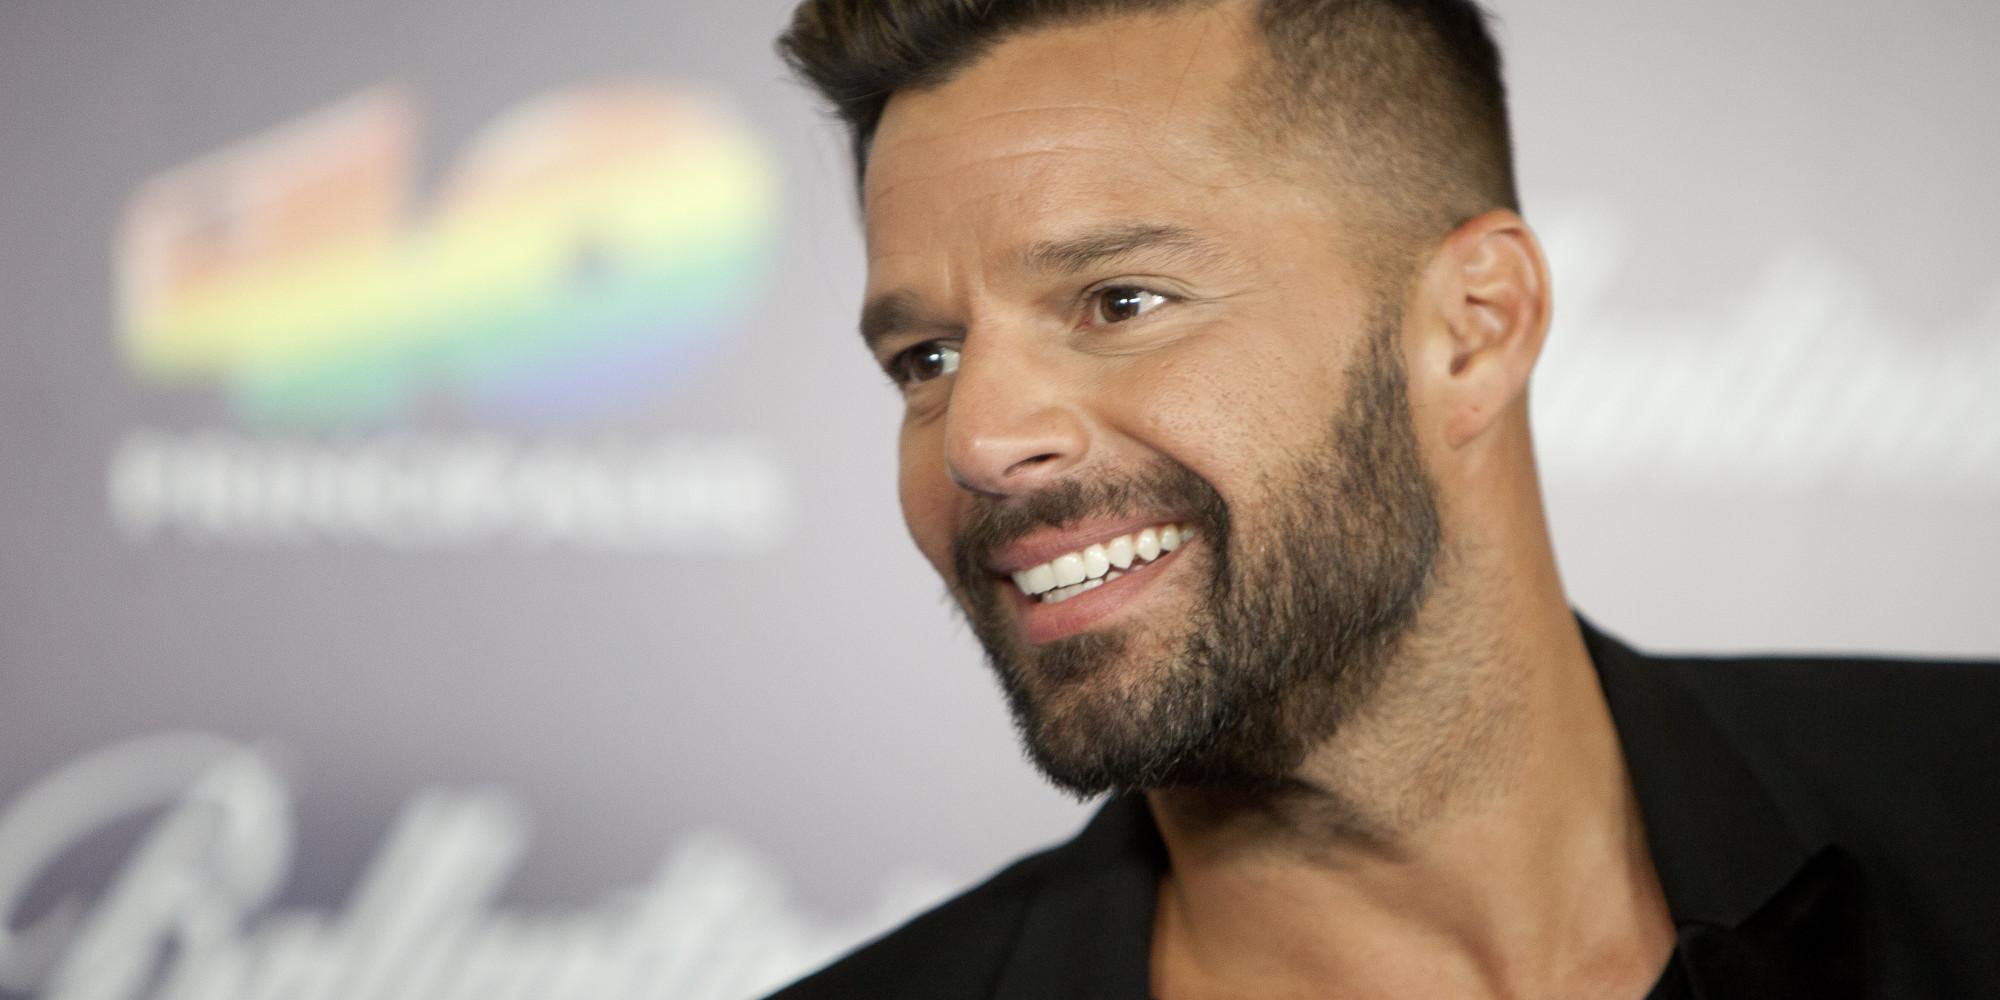 Cumpleanos Feliz Ricky Martin.Ano 2019 Ricky Martin Recibe El Nuevo Ano Convirtiendose En